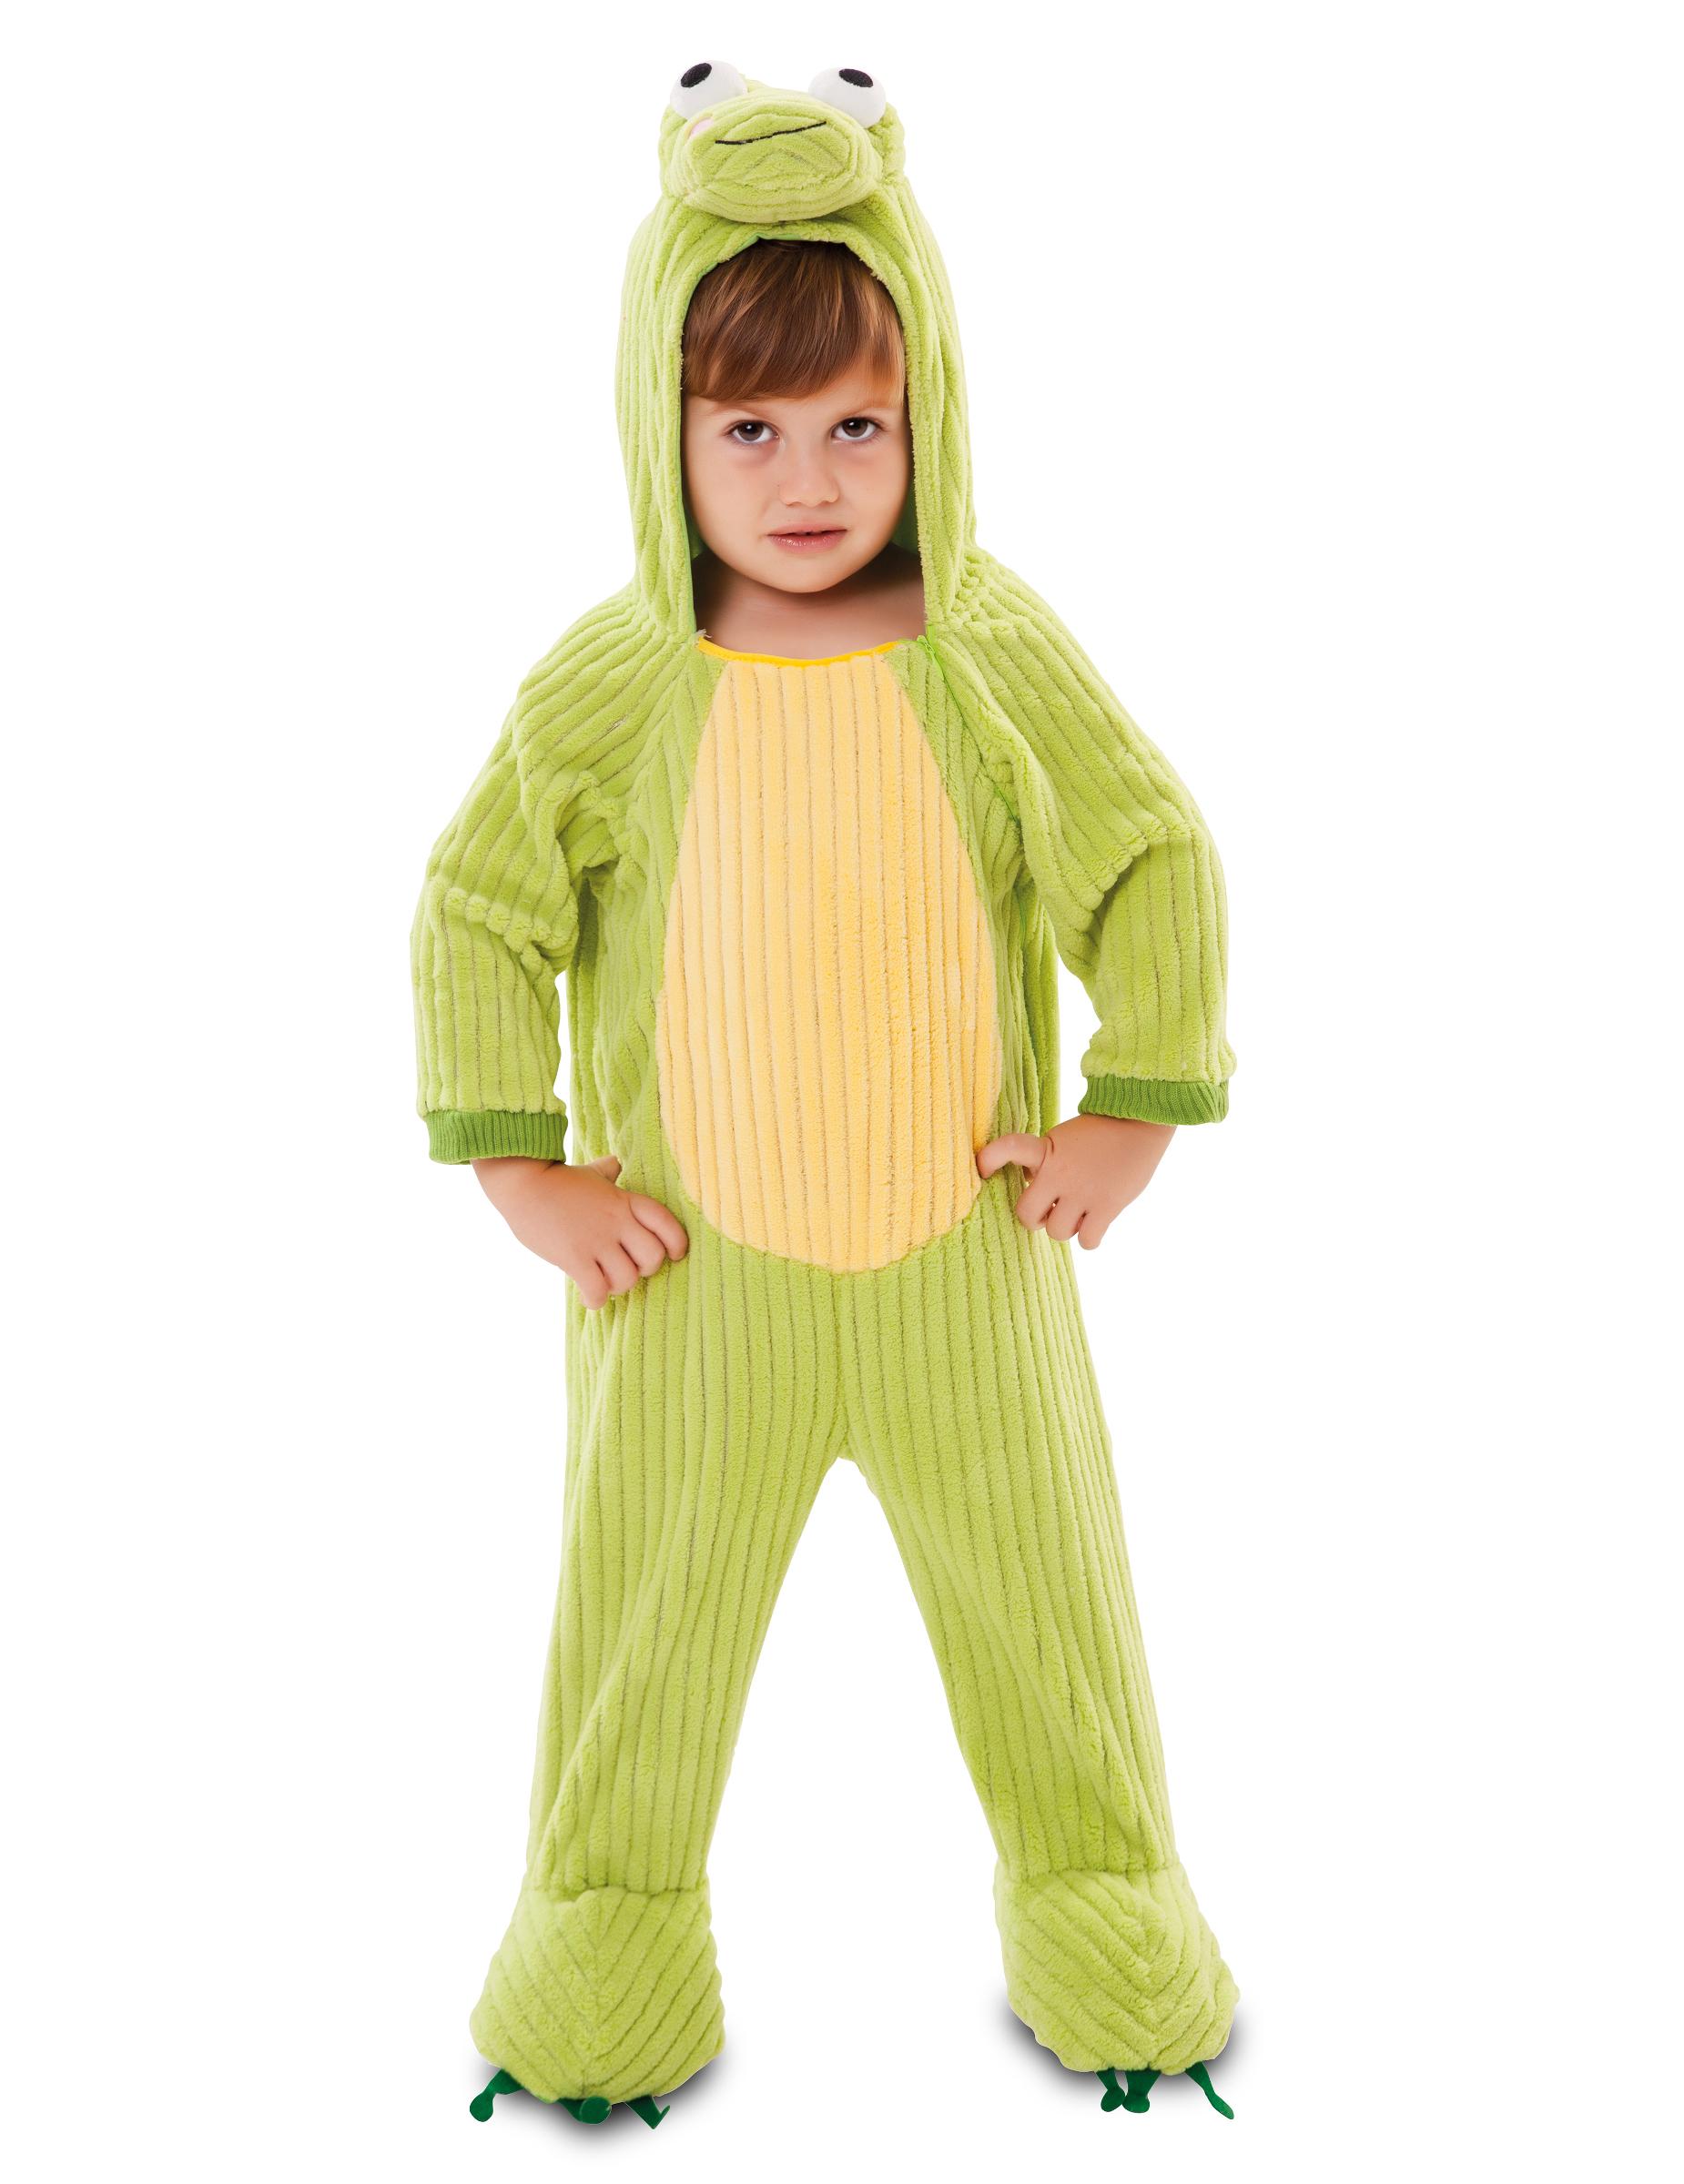 *Frosch-Kostüm für Kinder Tier-Overall für Karneval-Kostüme grün*